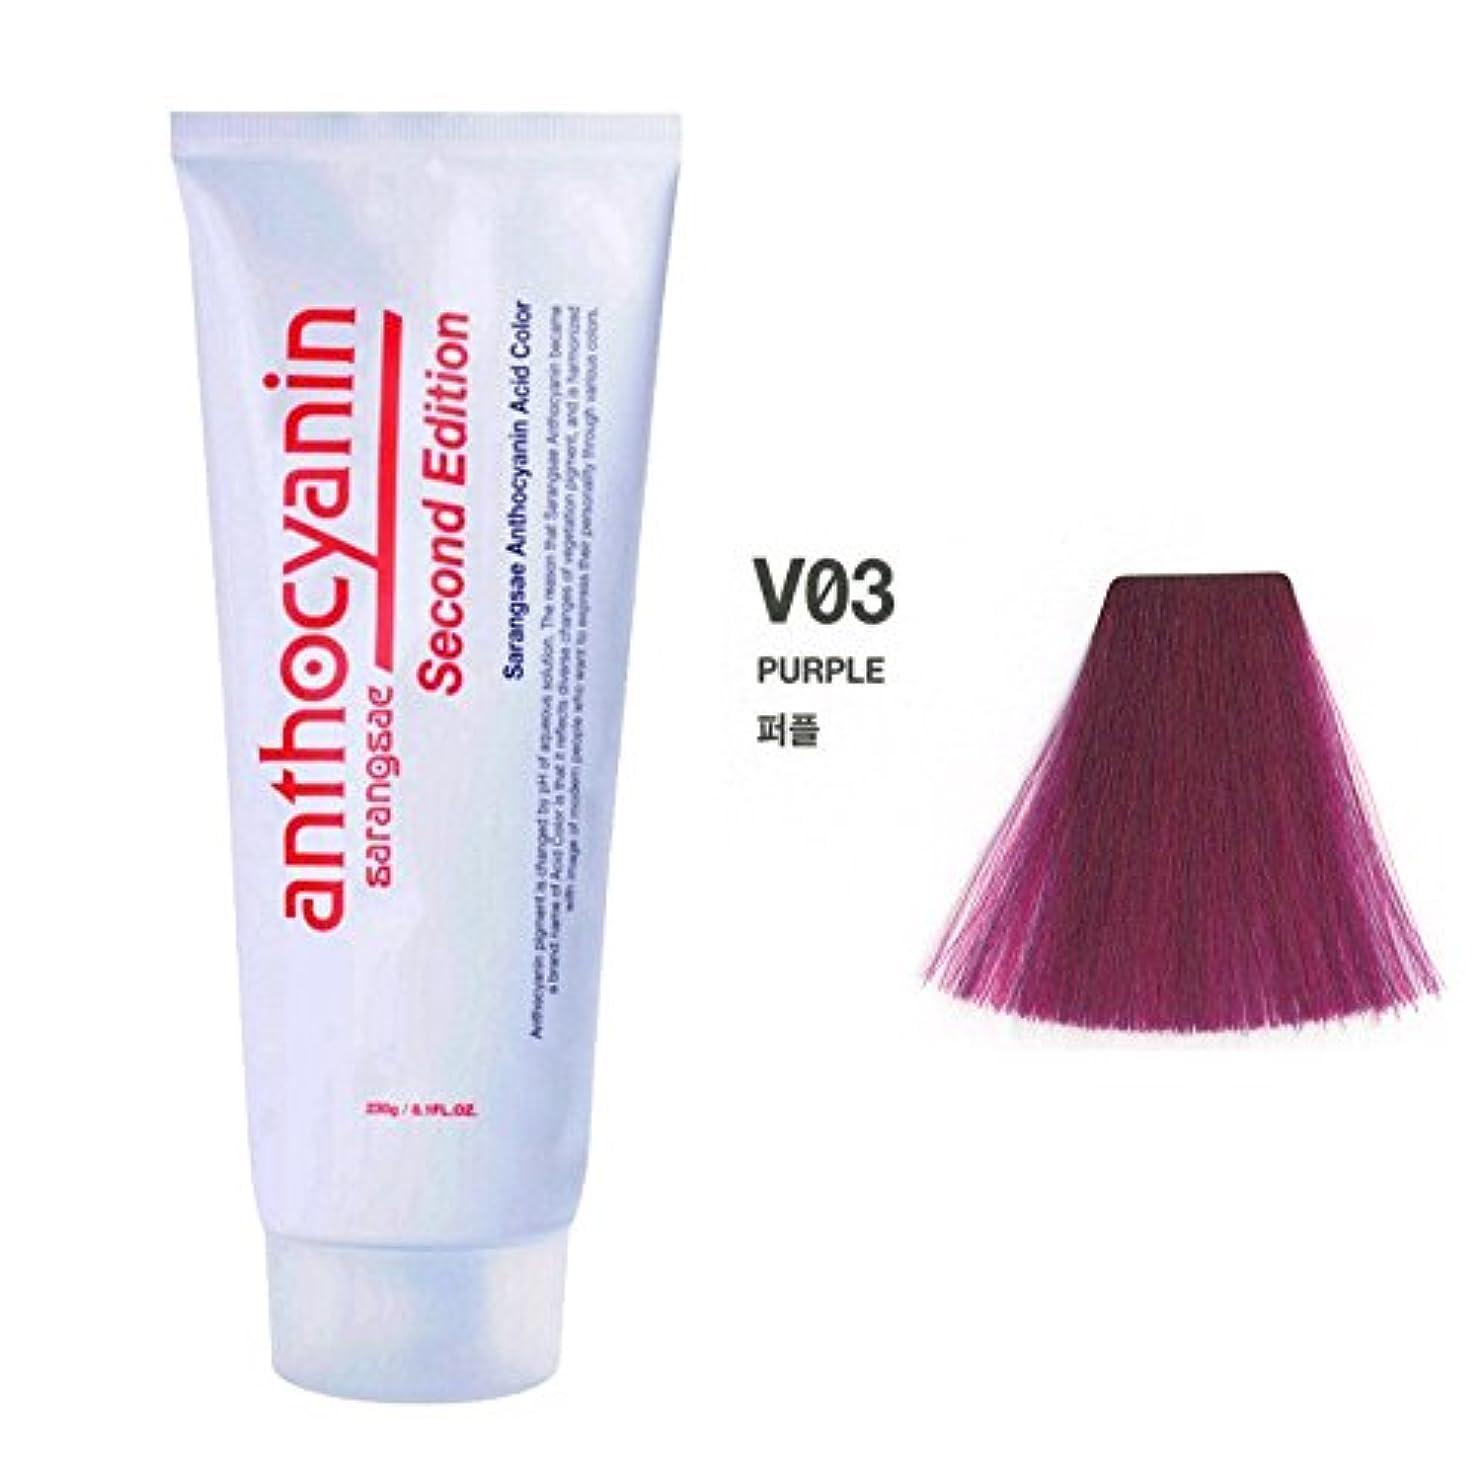 かなりのため安らぎヘア マニキュア カラー セカンド エディション 230g セミ パーマネント 染毛剤 ( Hair Manicure Color Second Edition 230g Semi Permanent Hair Dye) [並行輸入品] (V03 Purple)